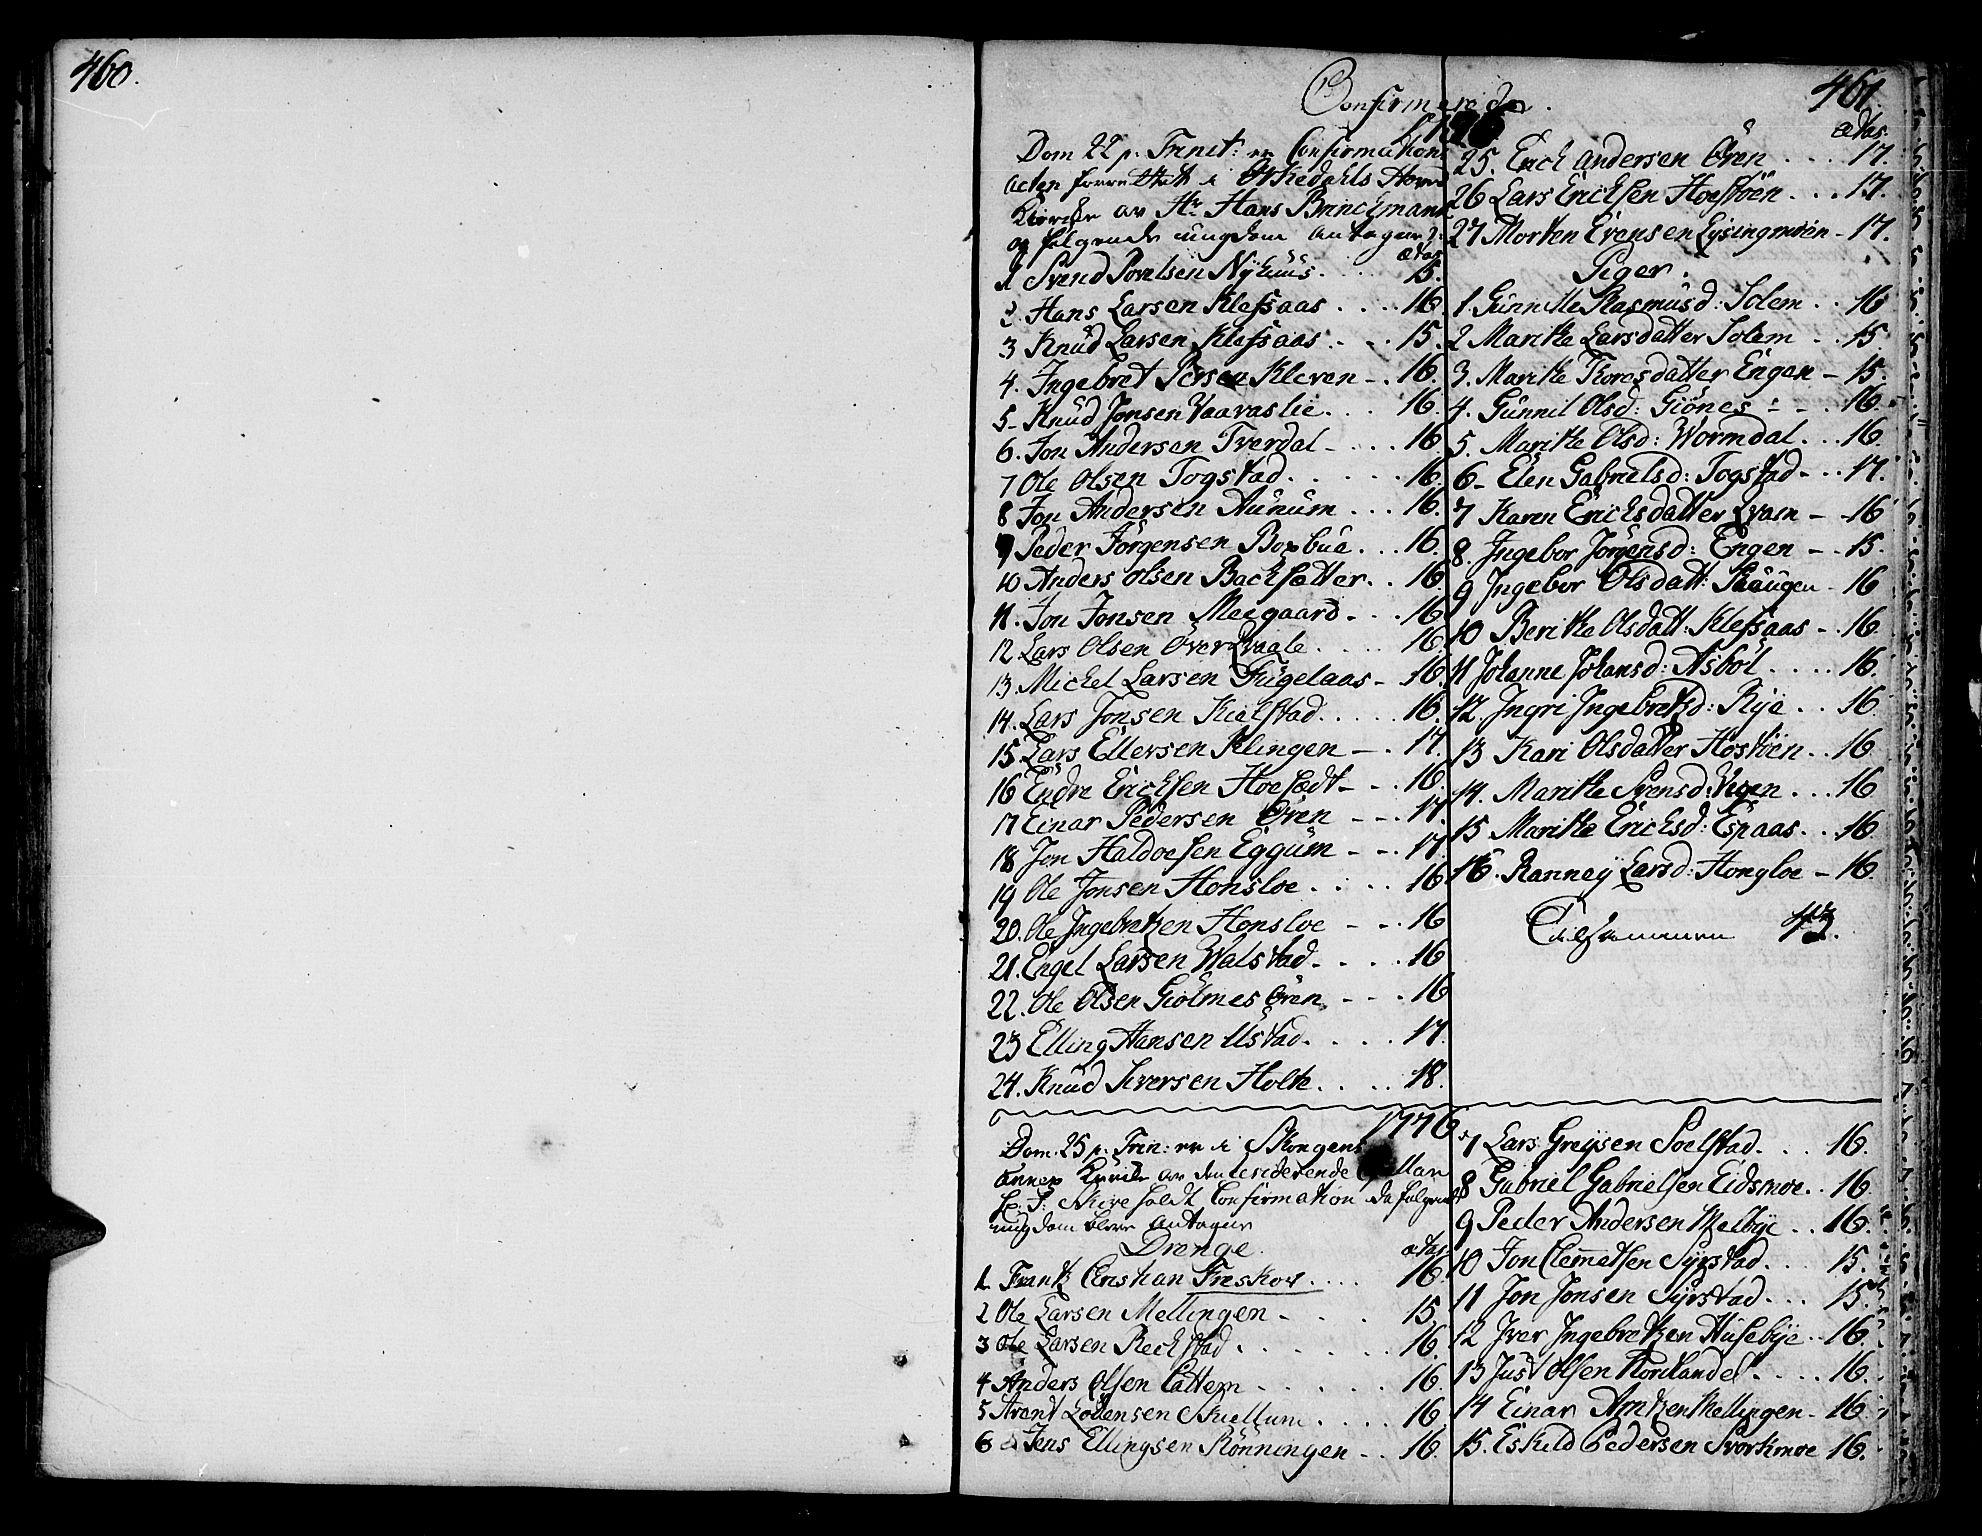 SAT, Ministerialprotokoller, klokkerbøker og fødselsregistre - Sør-Trøndelag, 668/L0802: Ministerialbok nr. 668A02, 1776-1799, s. 460-461